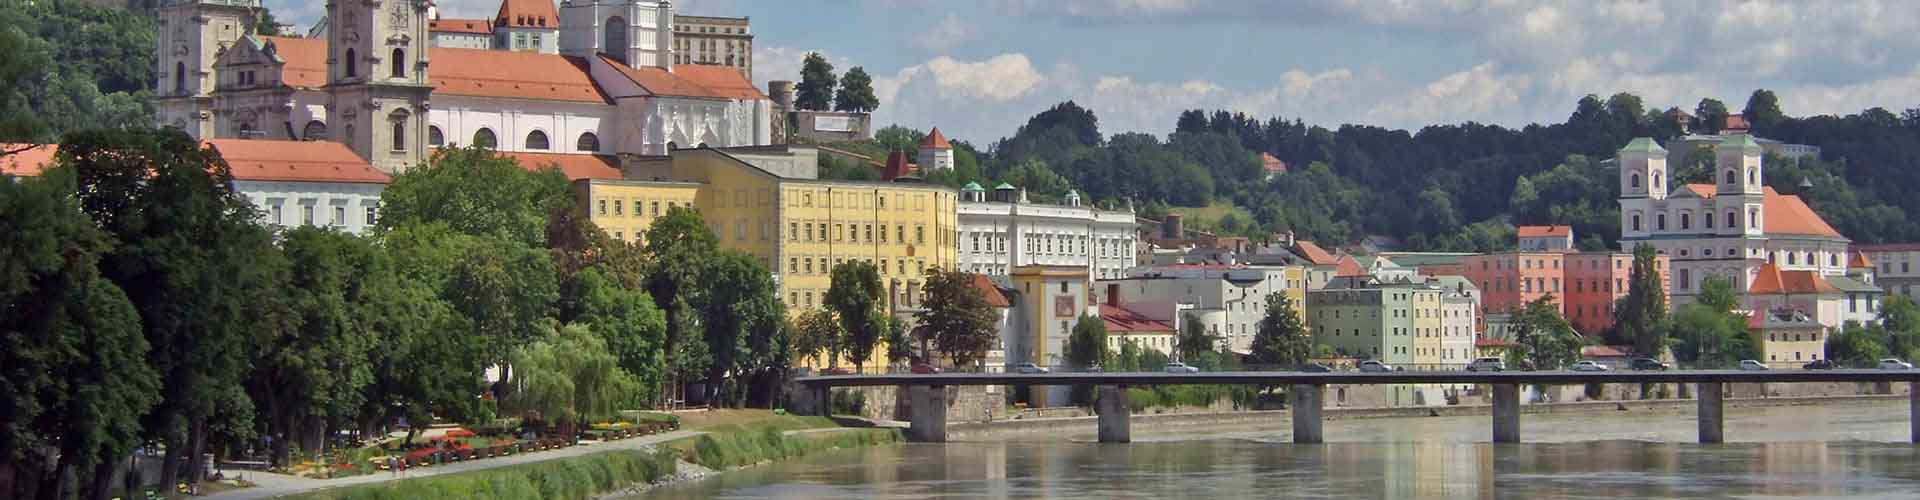 Passau – Hotéis em Passau. Mapas para Passau, Fotos e Avaliações para cada Hotel Passau.